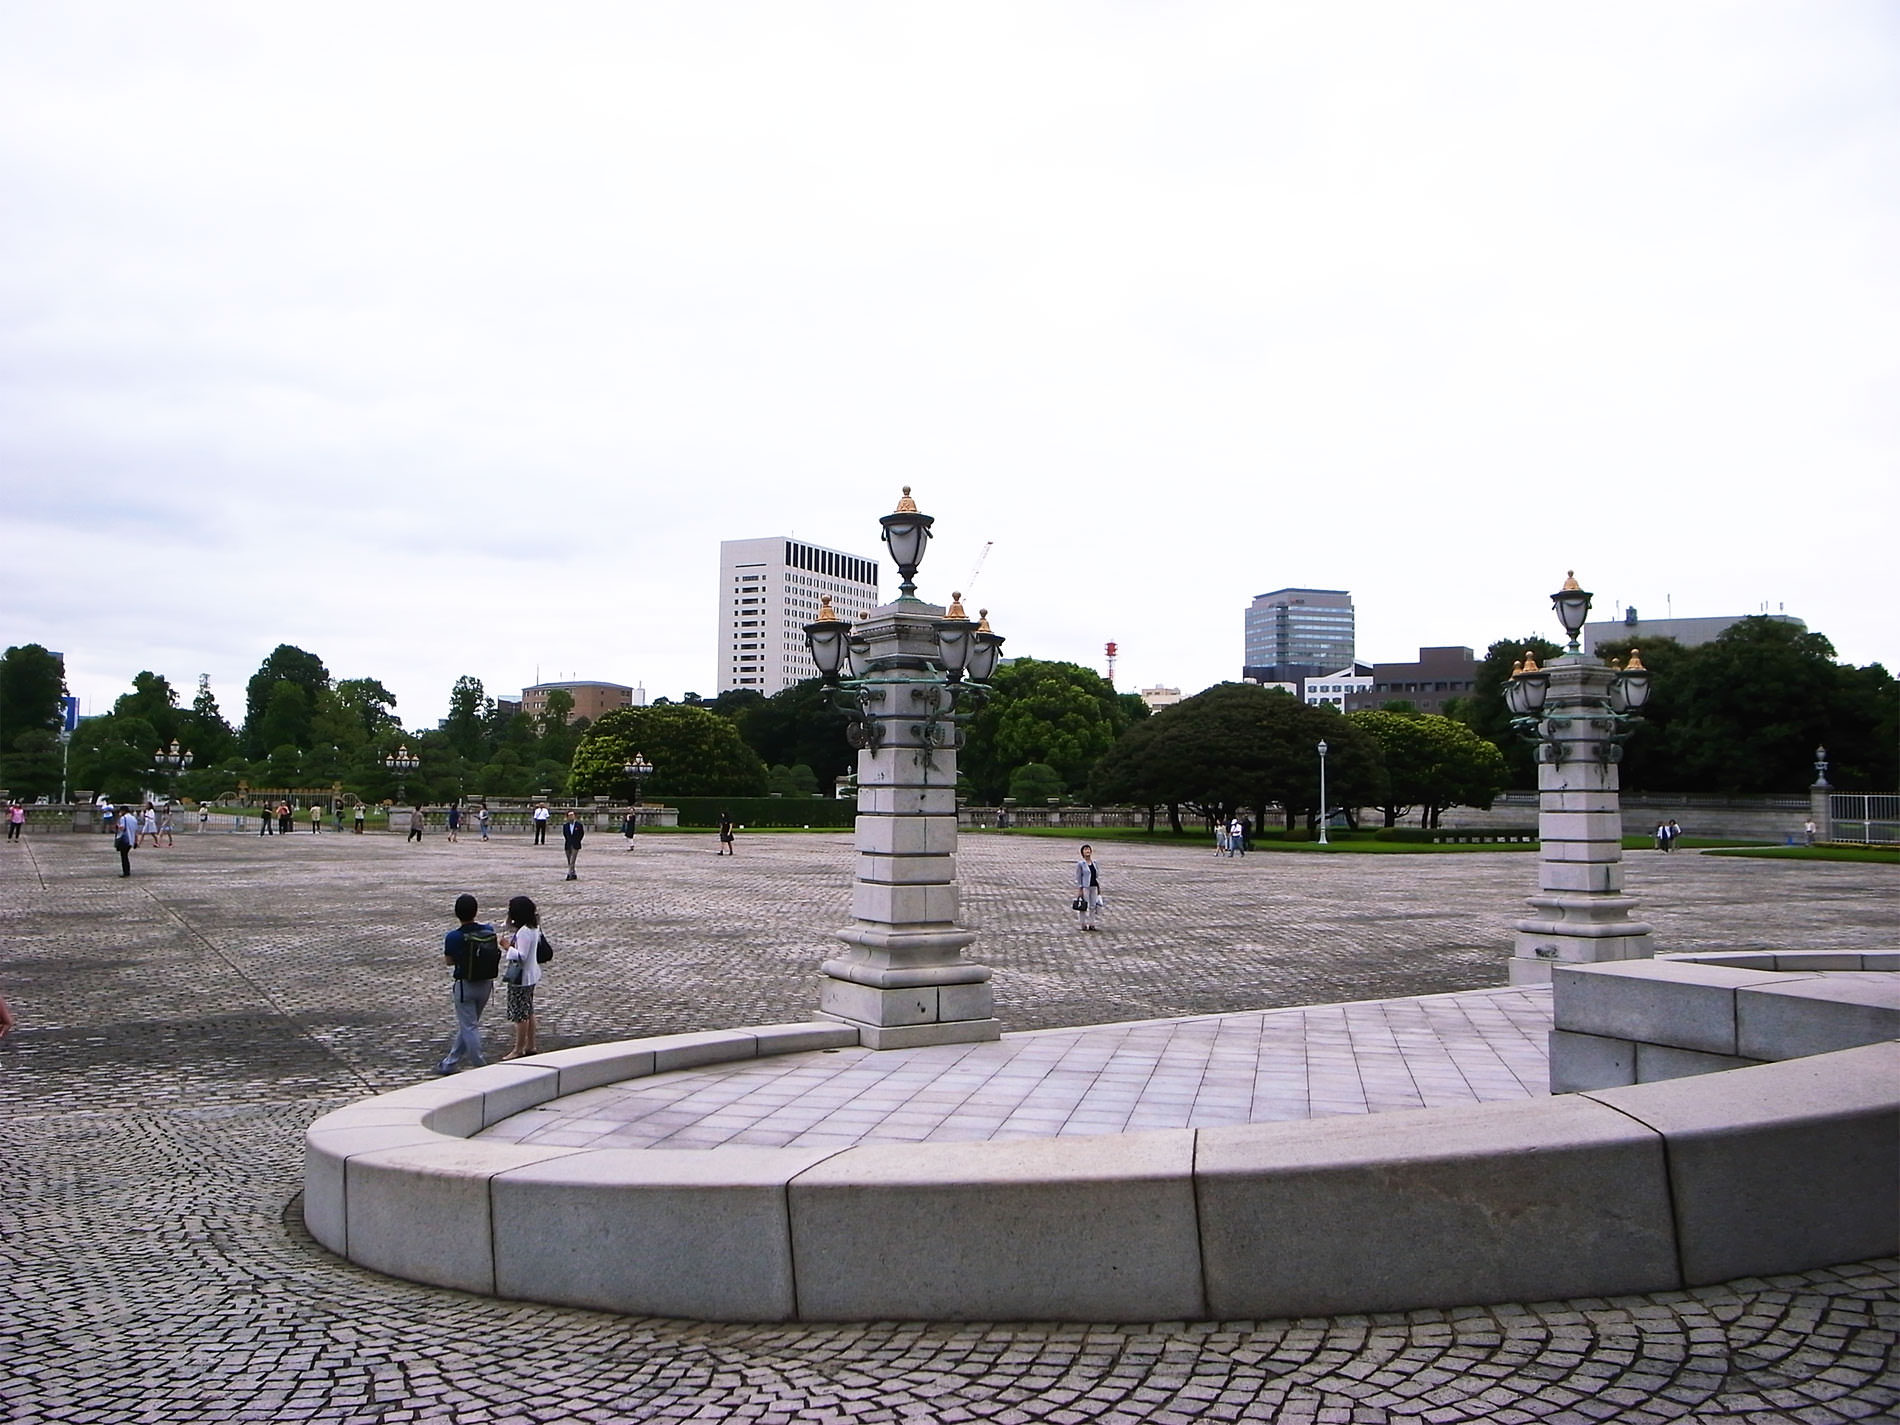 state_guest_house_akasaka_palace_tokyo_2015